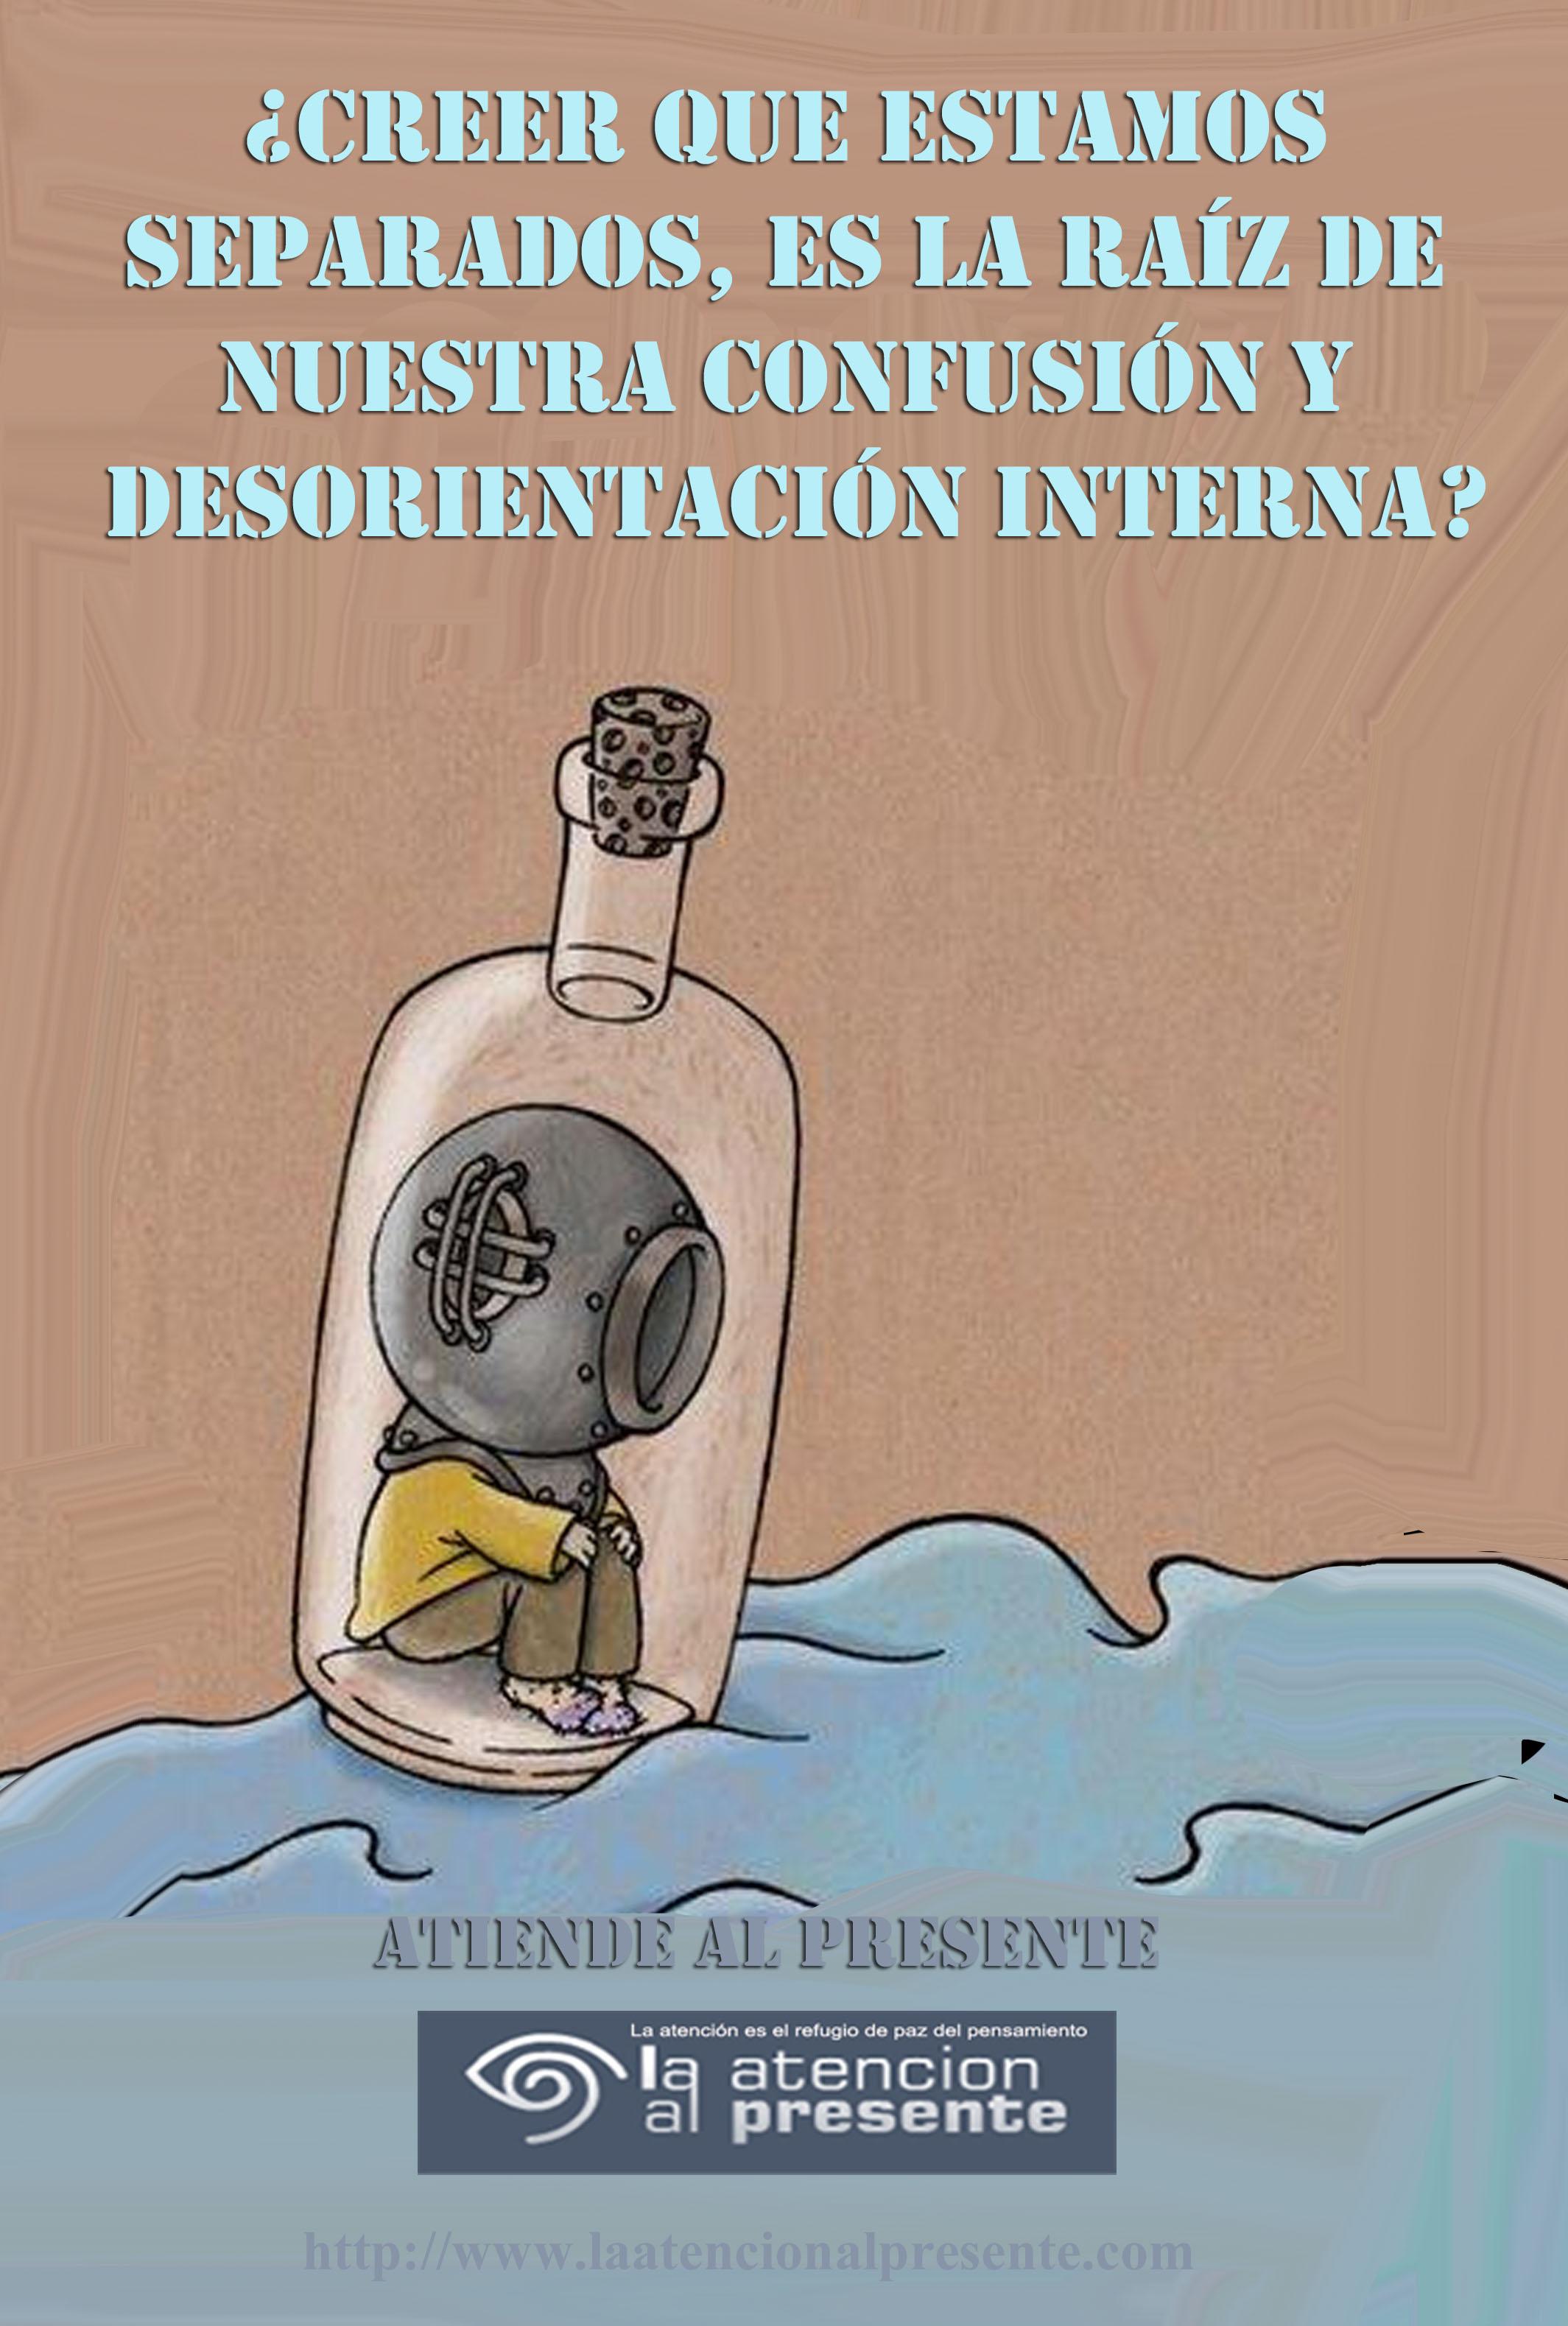 10 de febrero Esteban Creer que estamos seprados es la raiz de nuestra confusion y desorientacion